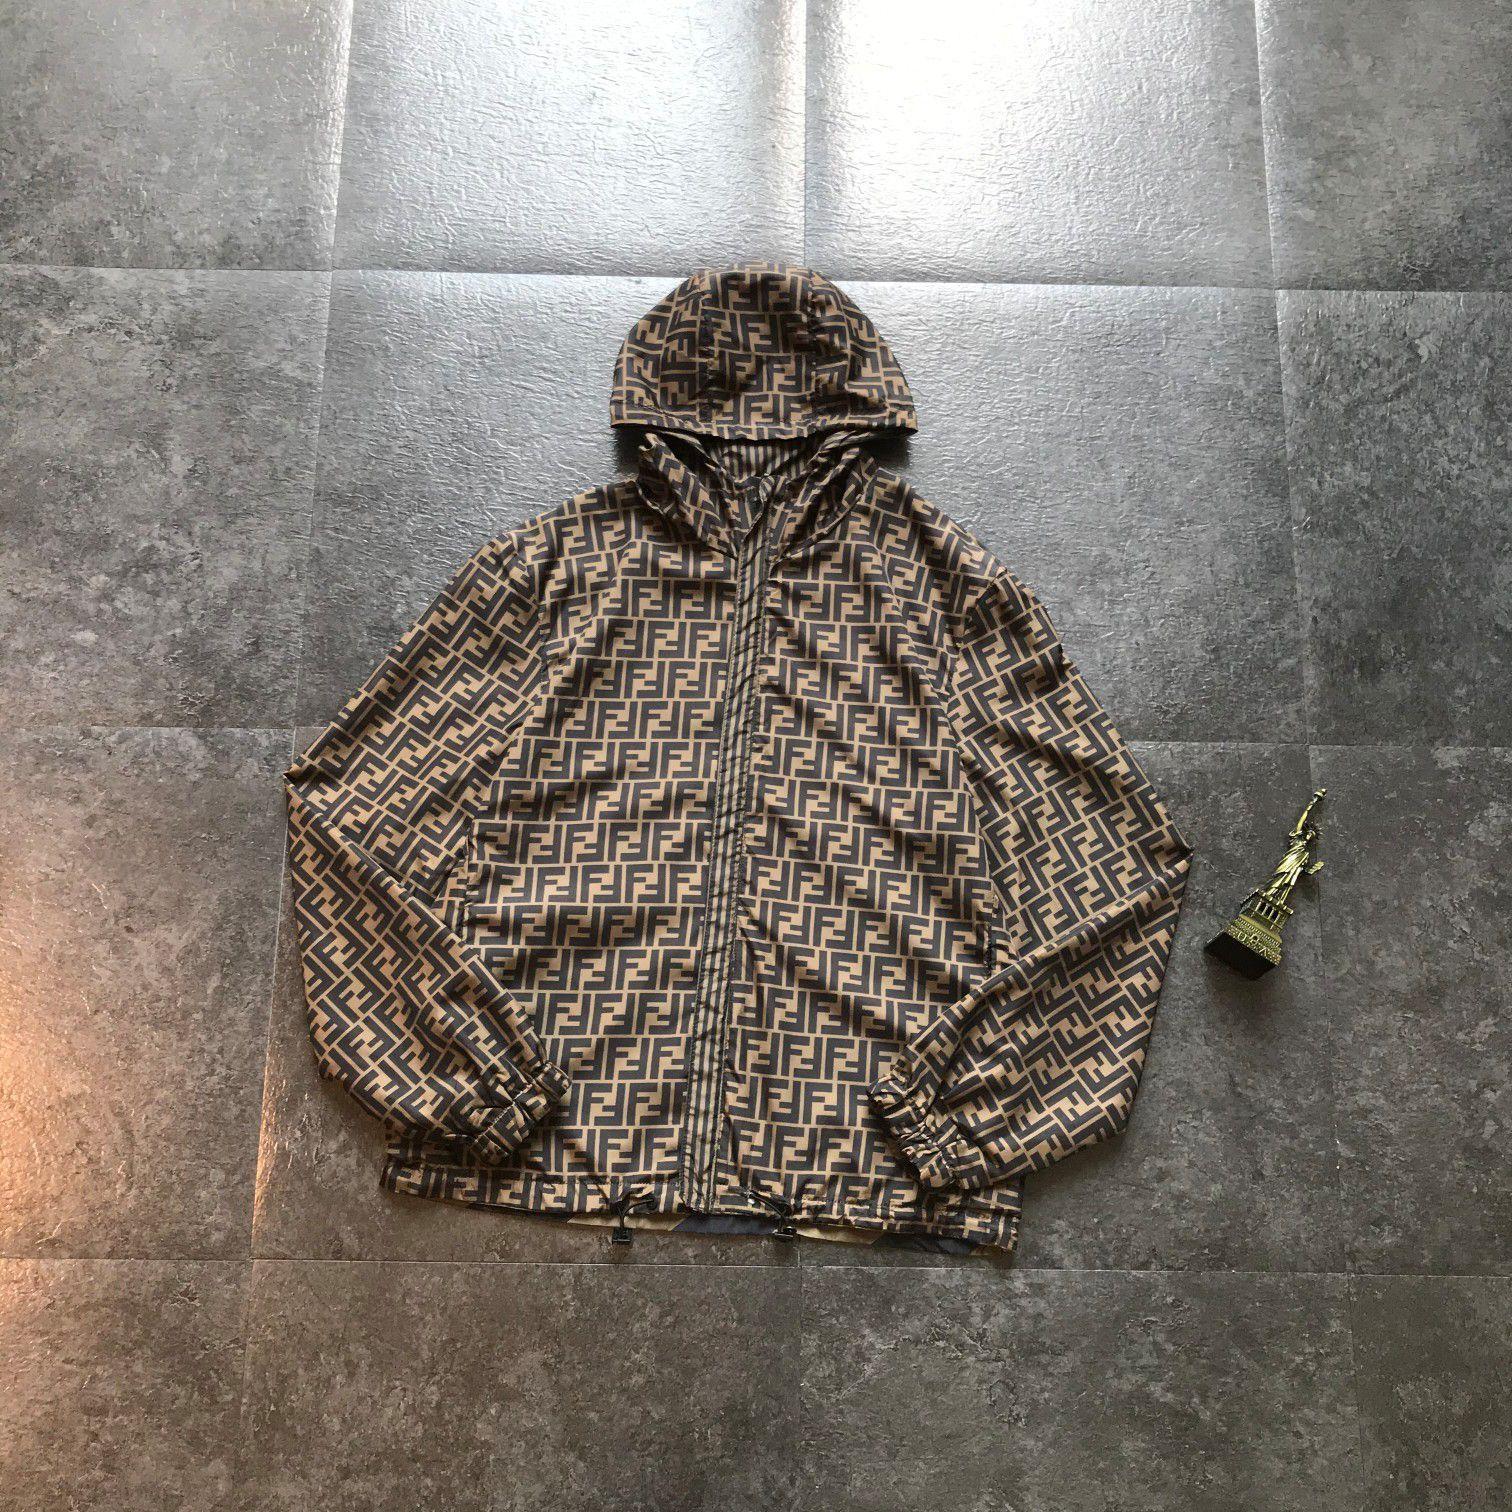 2020fw популярна мужские женские Дизайнеры фены Полного печать Тонкой куртки роскошь с длинным рукавом Толстовка FF открытого Streetwear высокого качества M-XXL 901